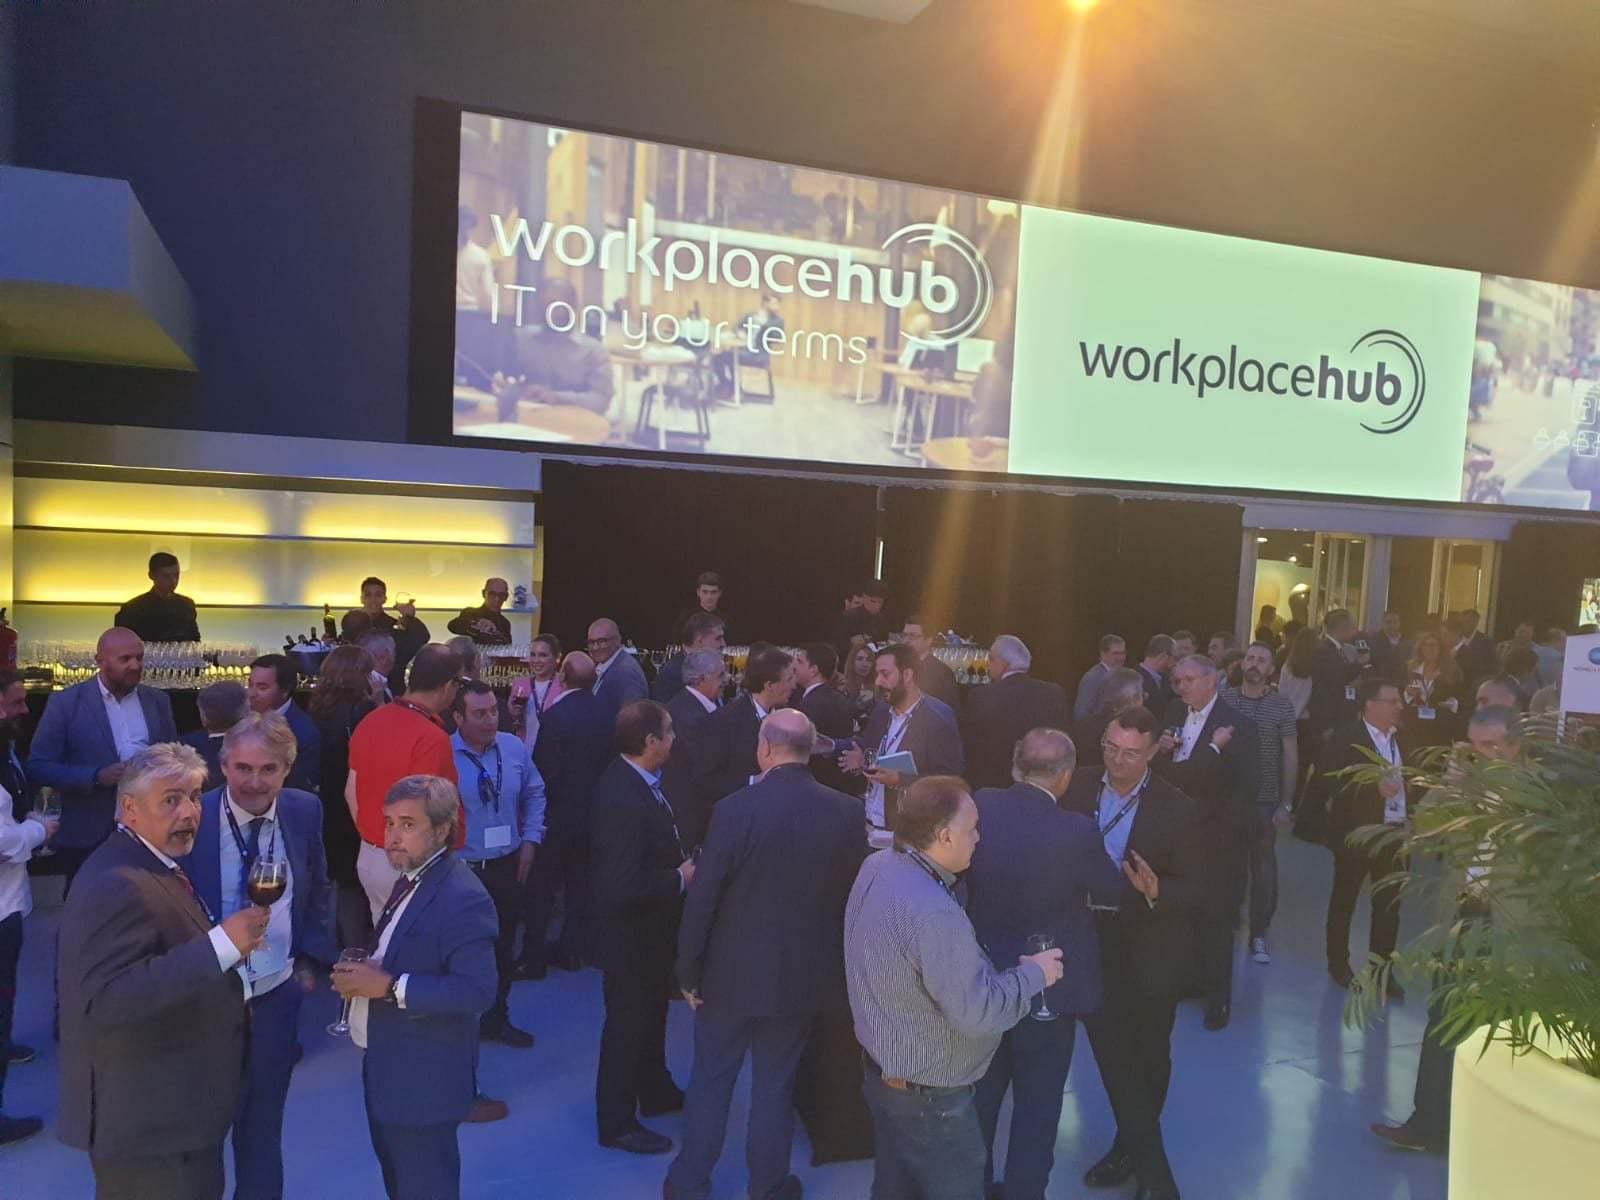 Konica Minolta presenta oficialmente Workplace Hub, el futuro del lugar de trabajo